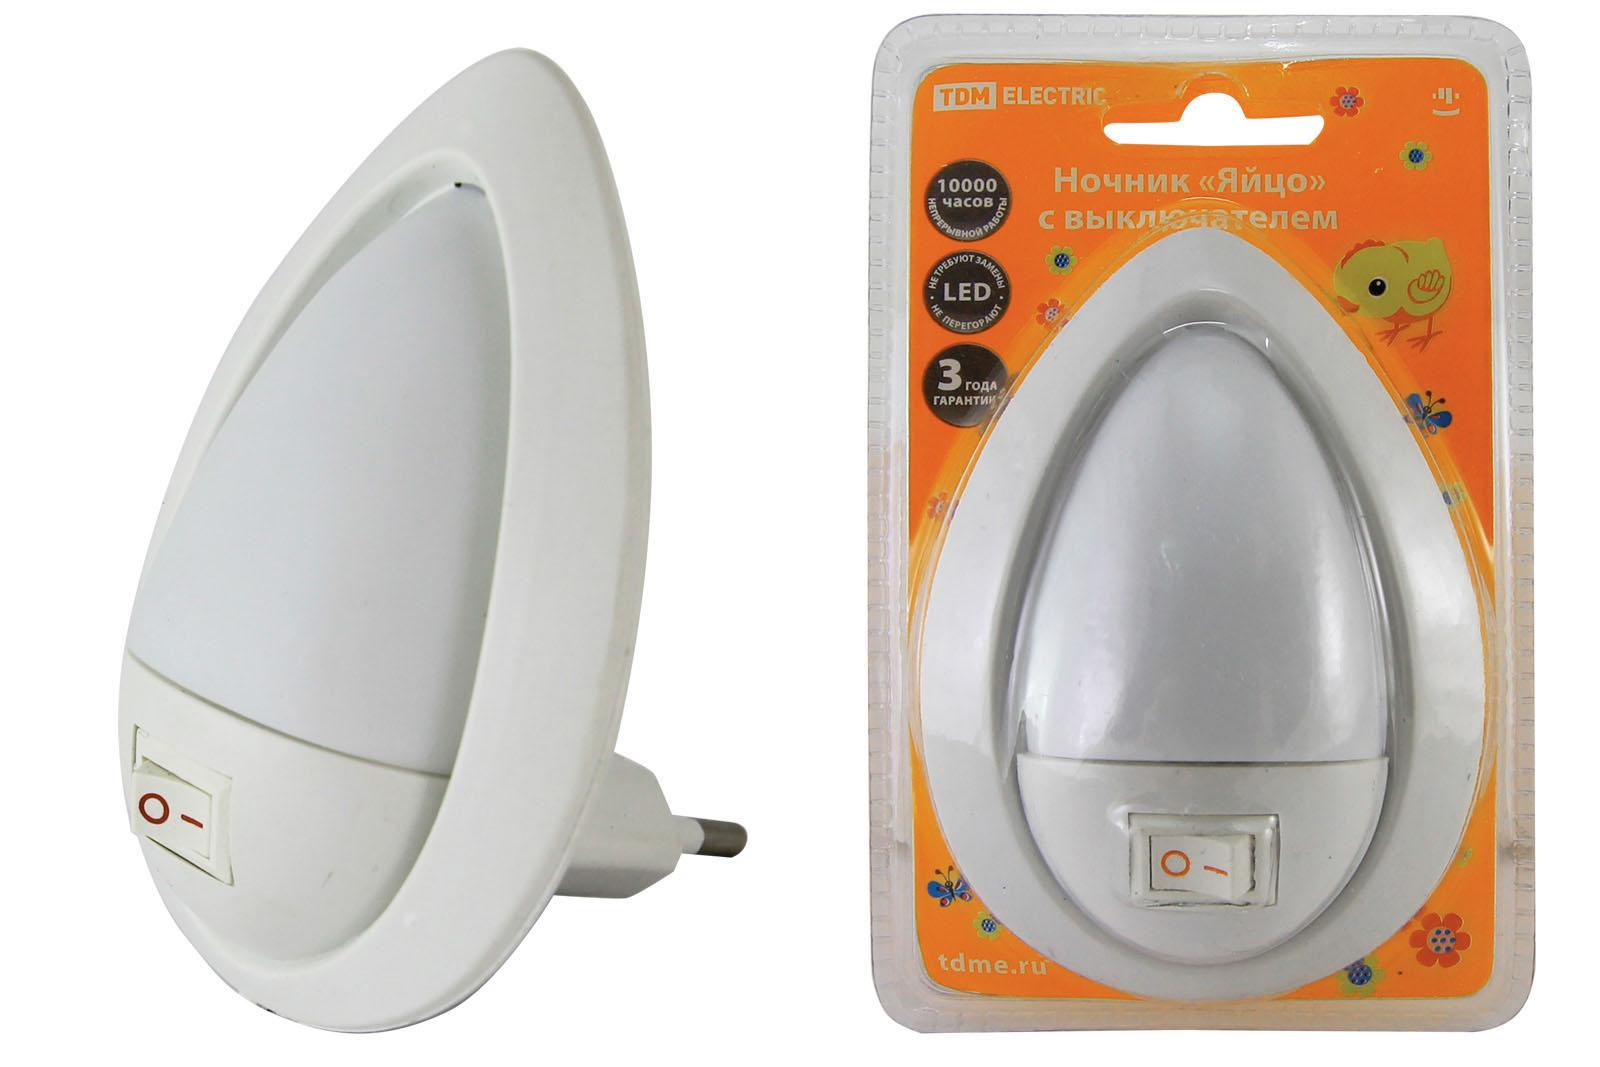 """Фото Ночник """"Яйцо"""" с выключателем, белый, 0,5 Вт, 220 В TDM {SQ0357-0012}"""